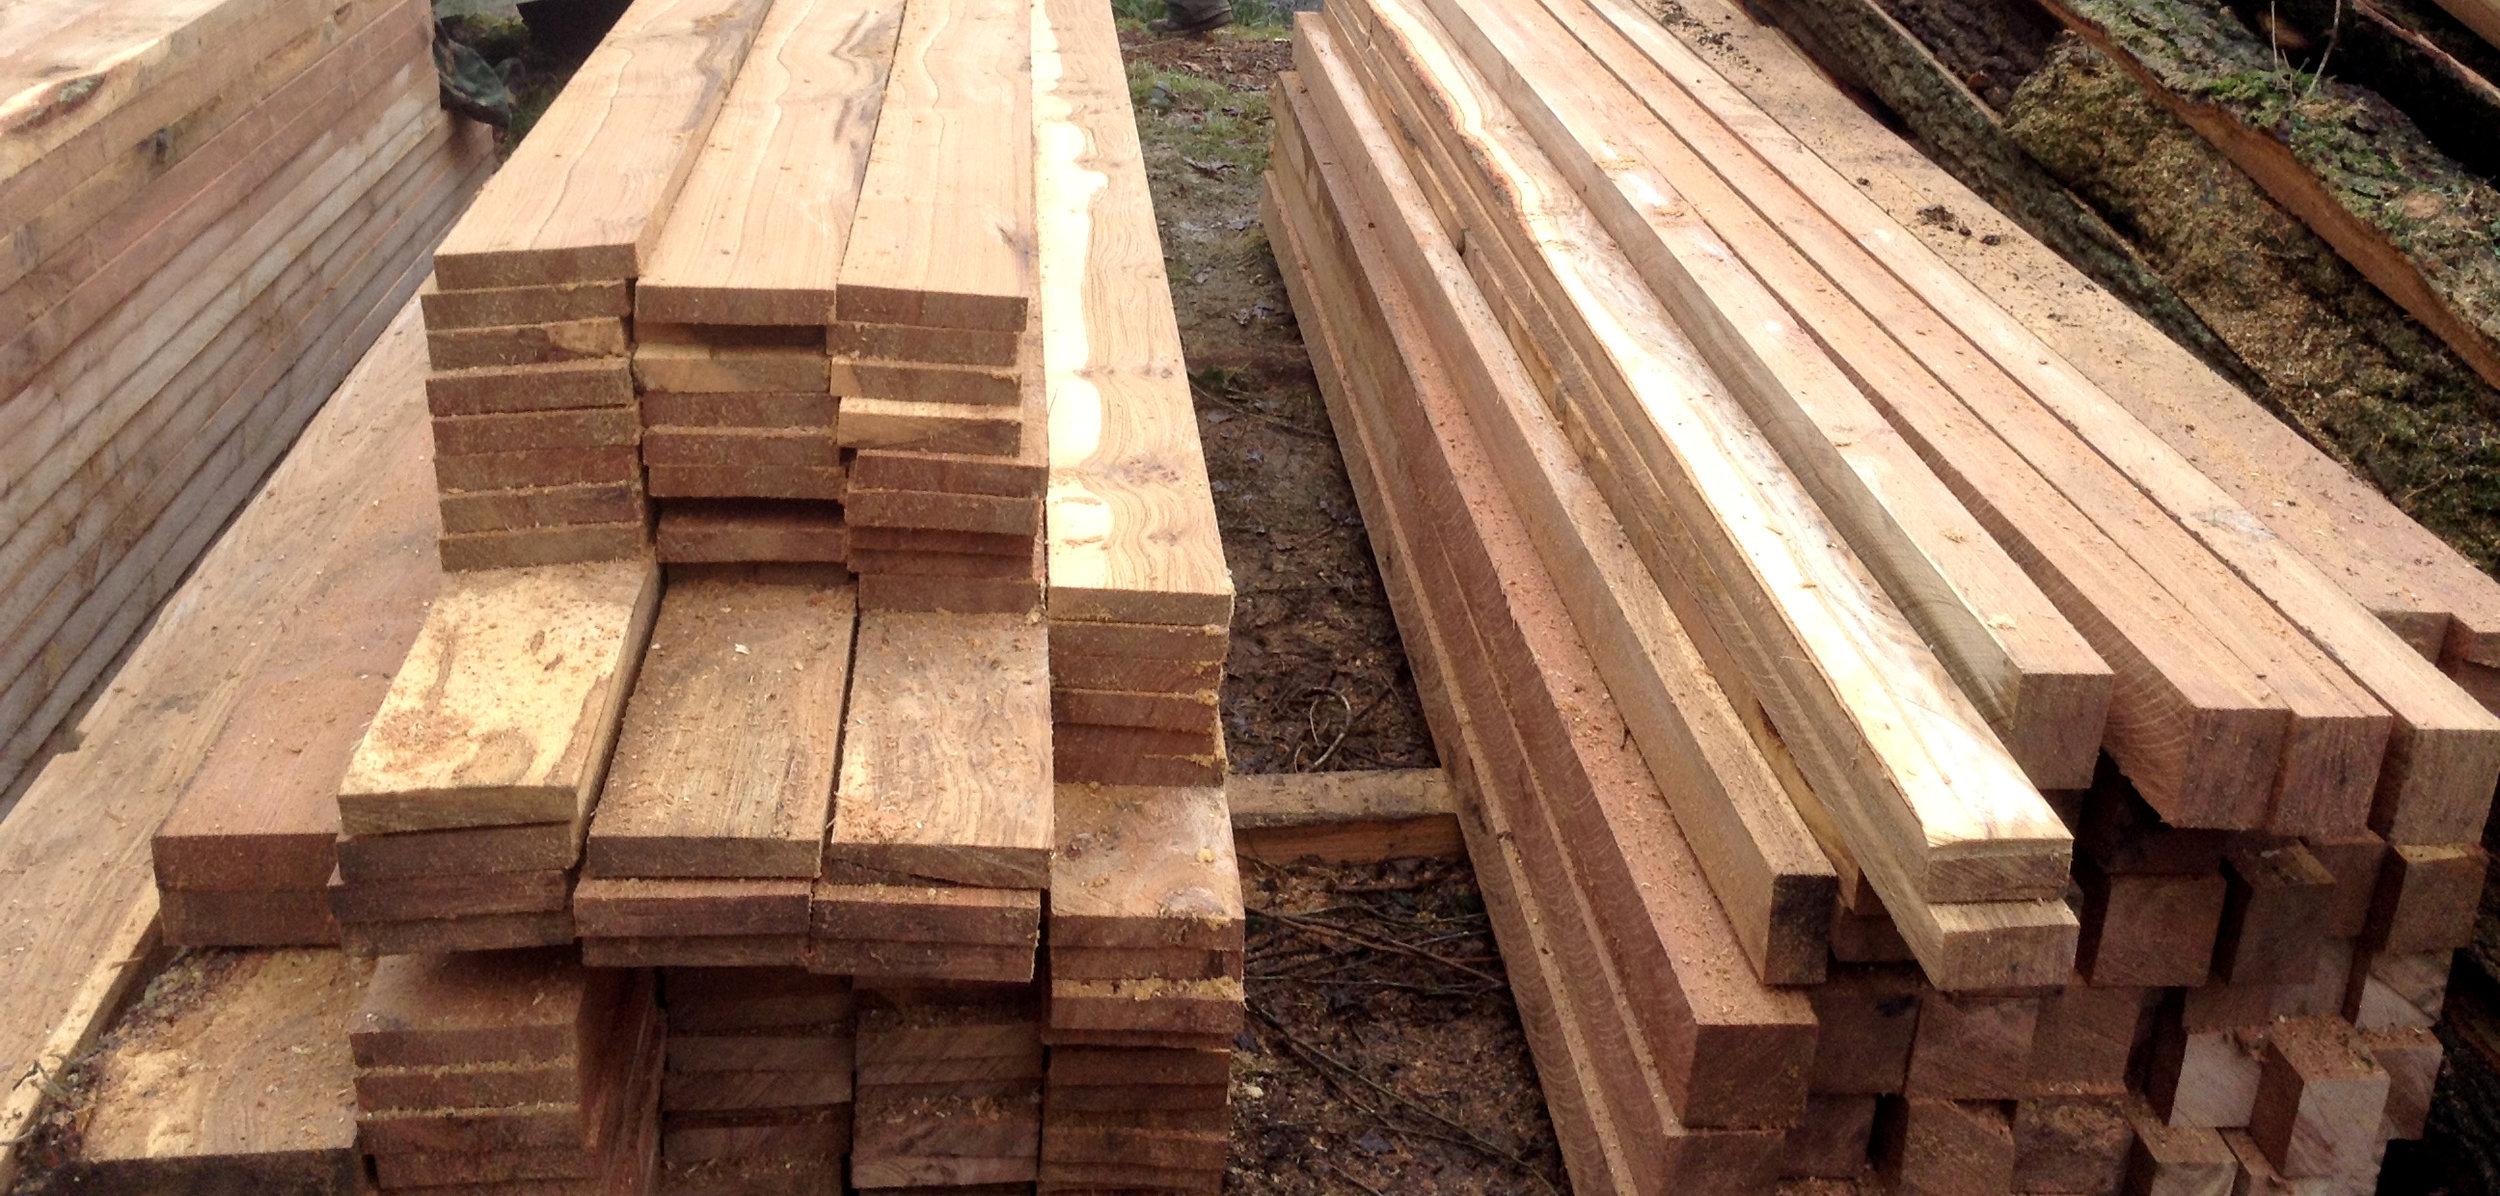 Sawn oak.